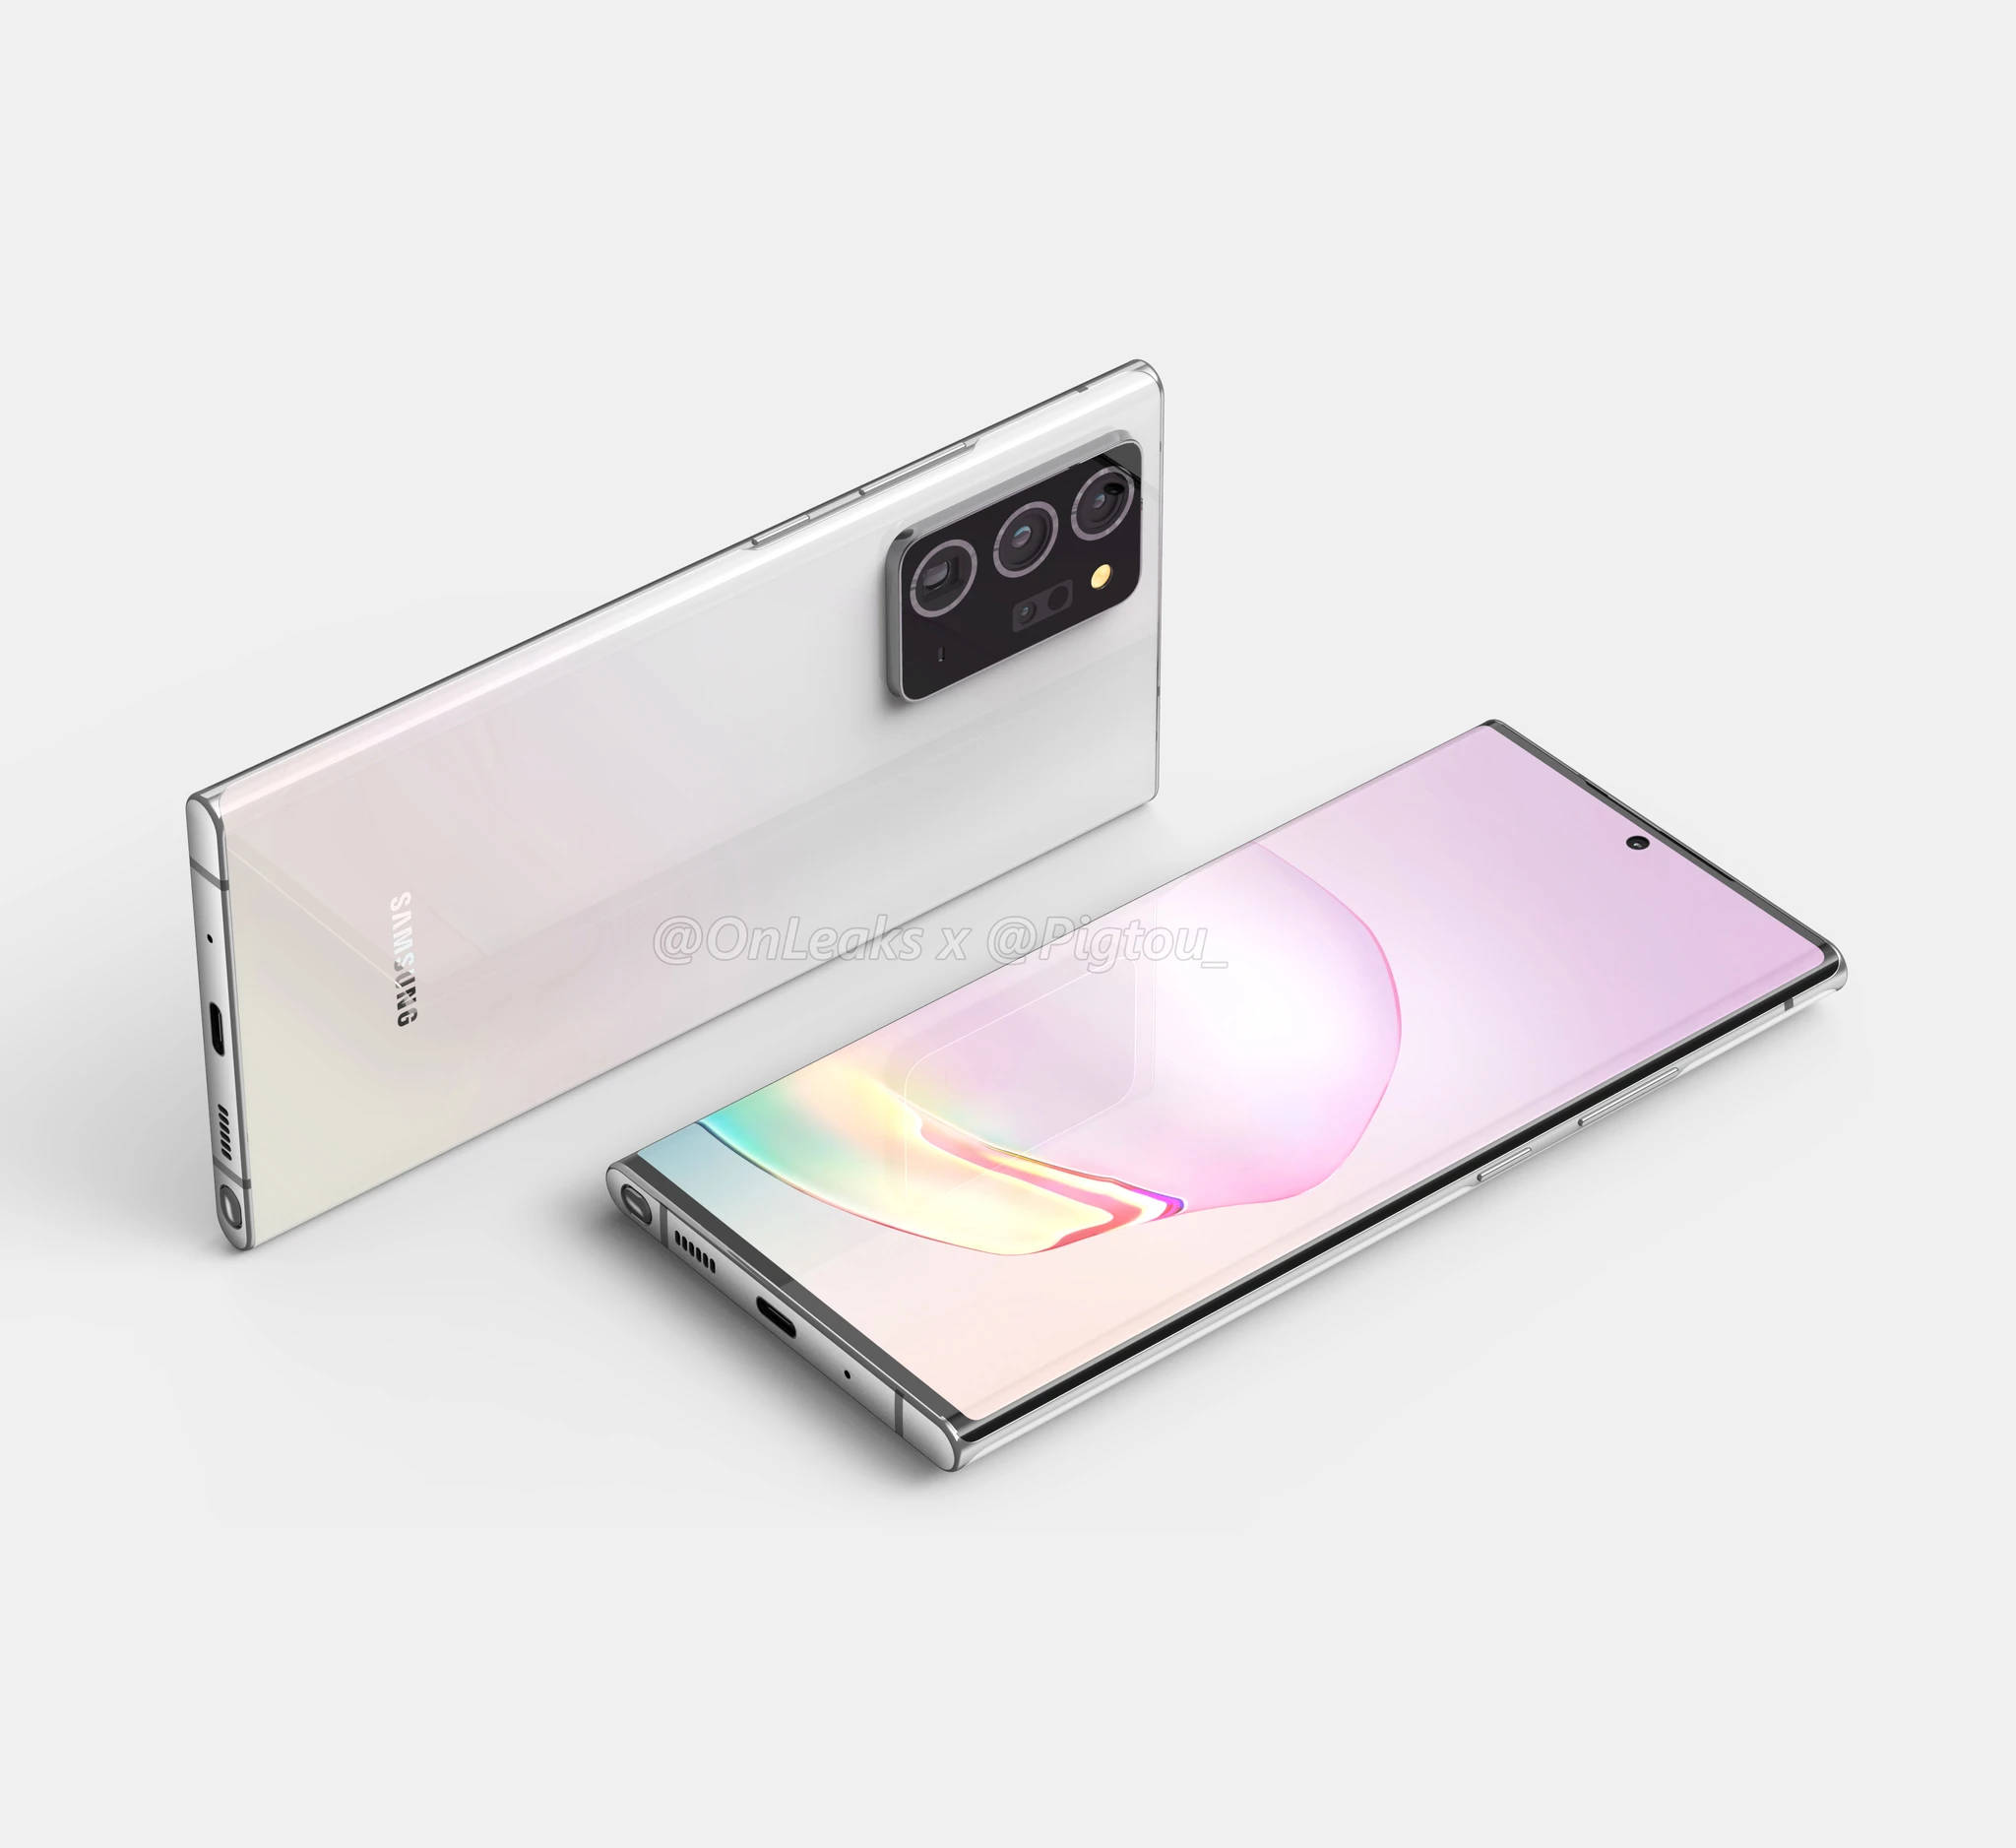 Samsung Galaxy Note 20 Plus plotki przecieki wycieki specyfikacja dane techniczne kolory obudowy aparat